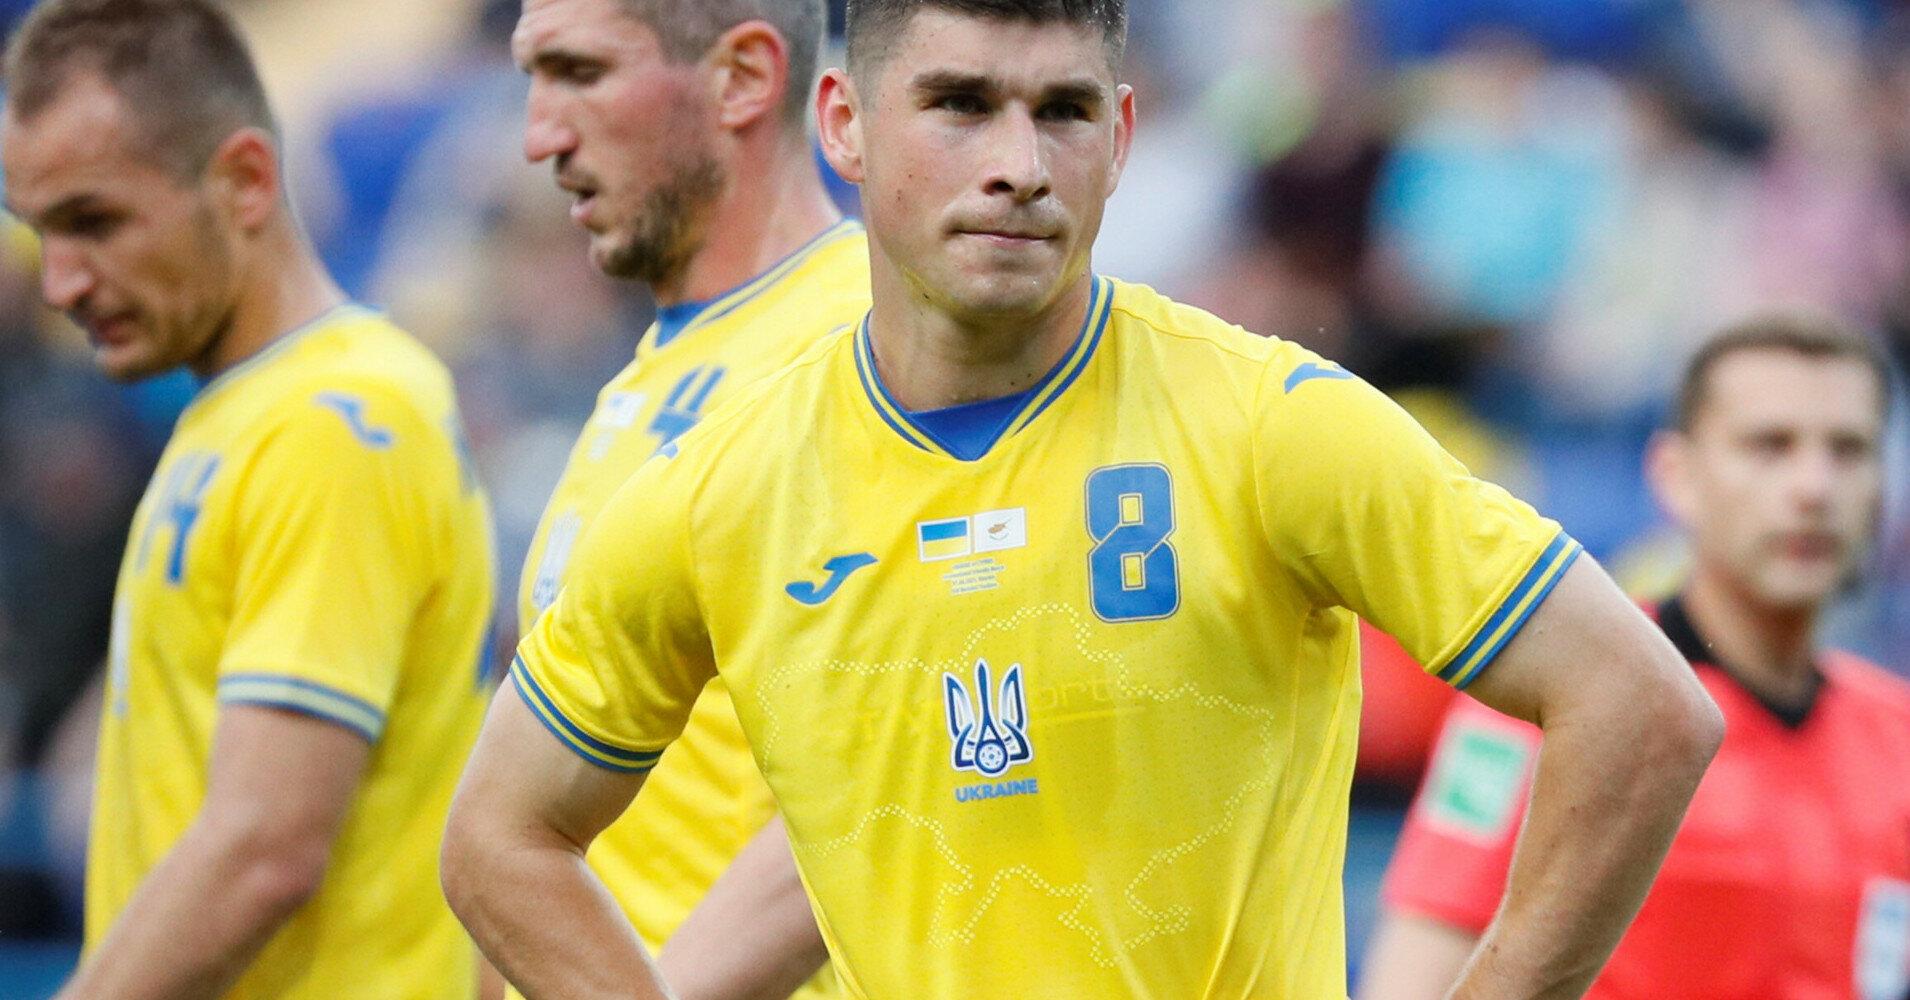 Кто может возглавить сборную Украины в случае неудачи с Ребровым